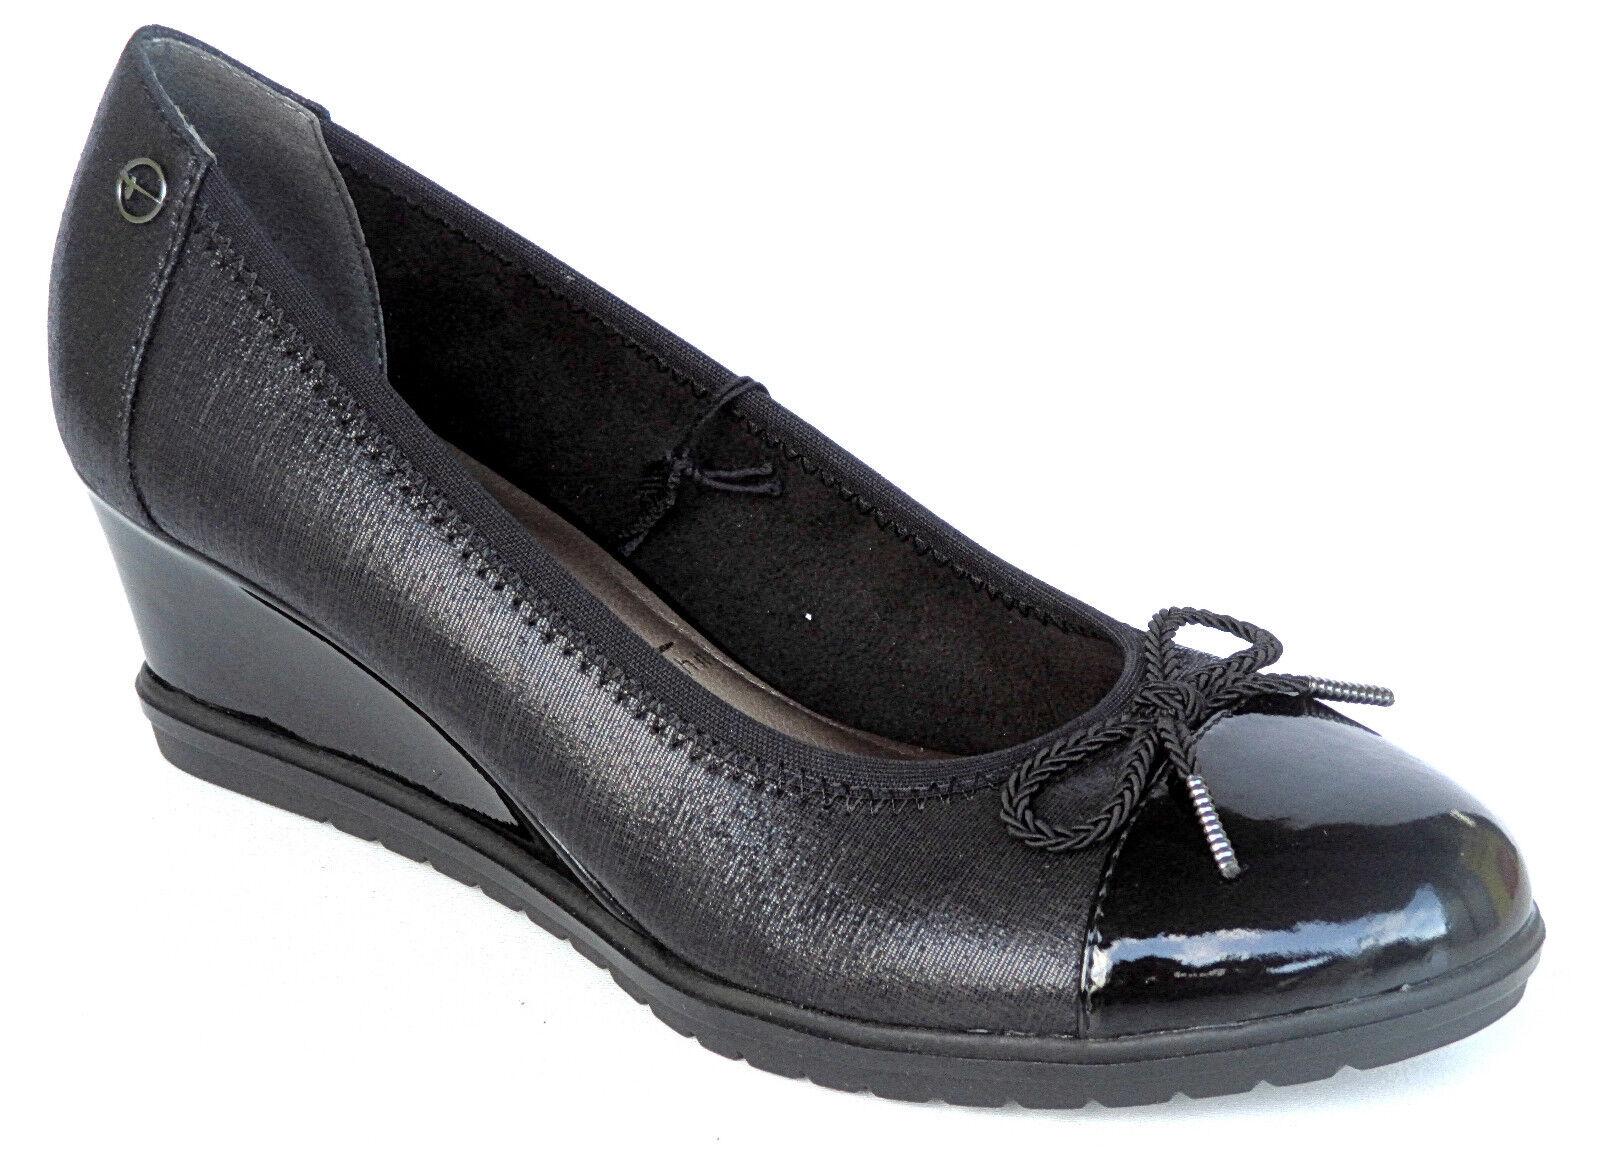 Tamaris  Schuhe Damen Schuhe Keil-Absatz  Pumps 1-22421-21 001 Gr.36-40  ++NEU++